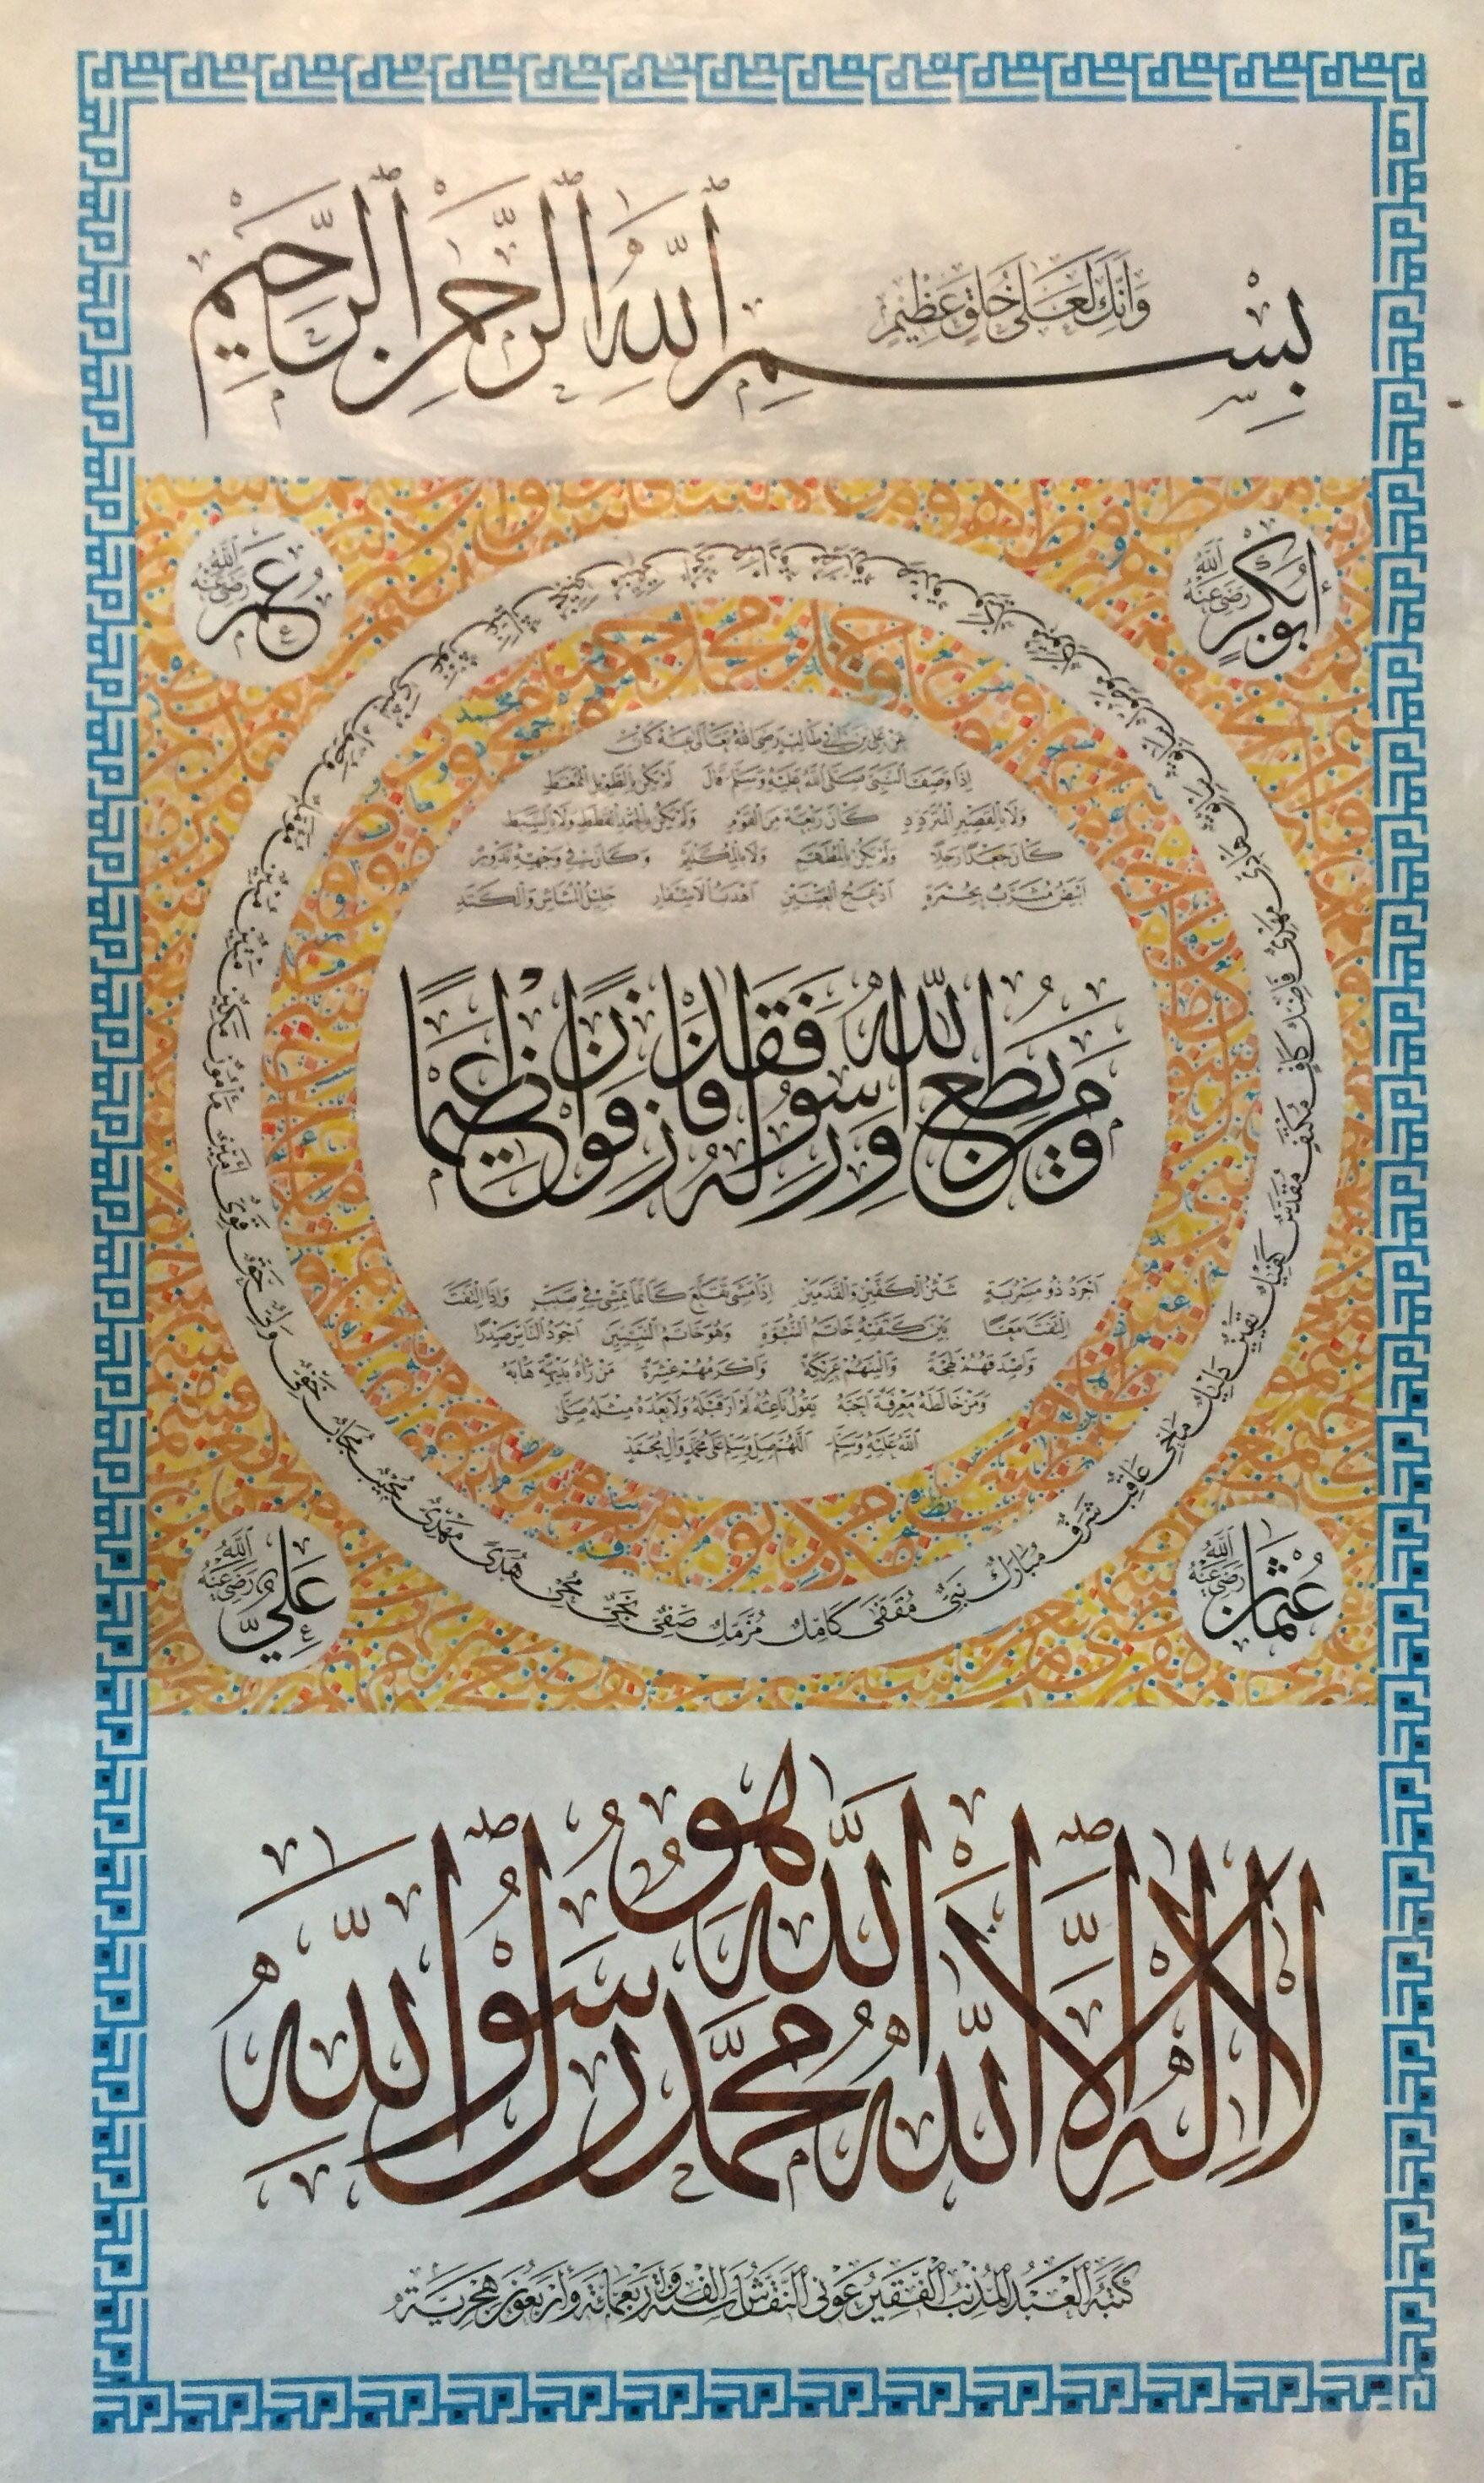 Pin By Okan Dijital On Hilye Islamic Caligraphy Islamic Art Islamic Calligraphy